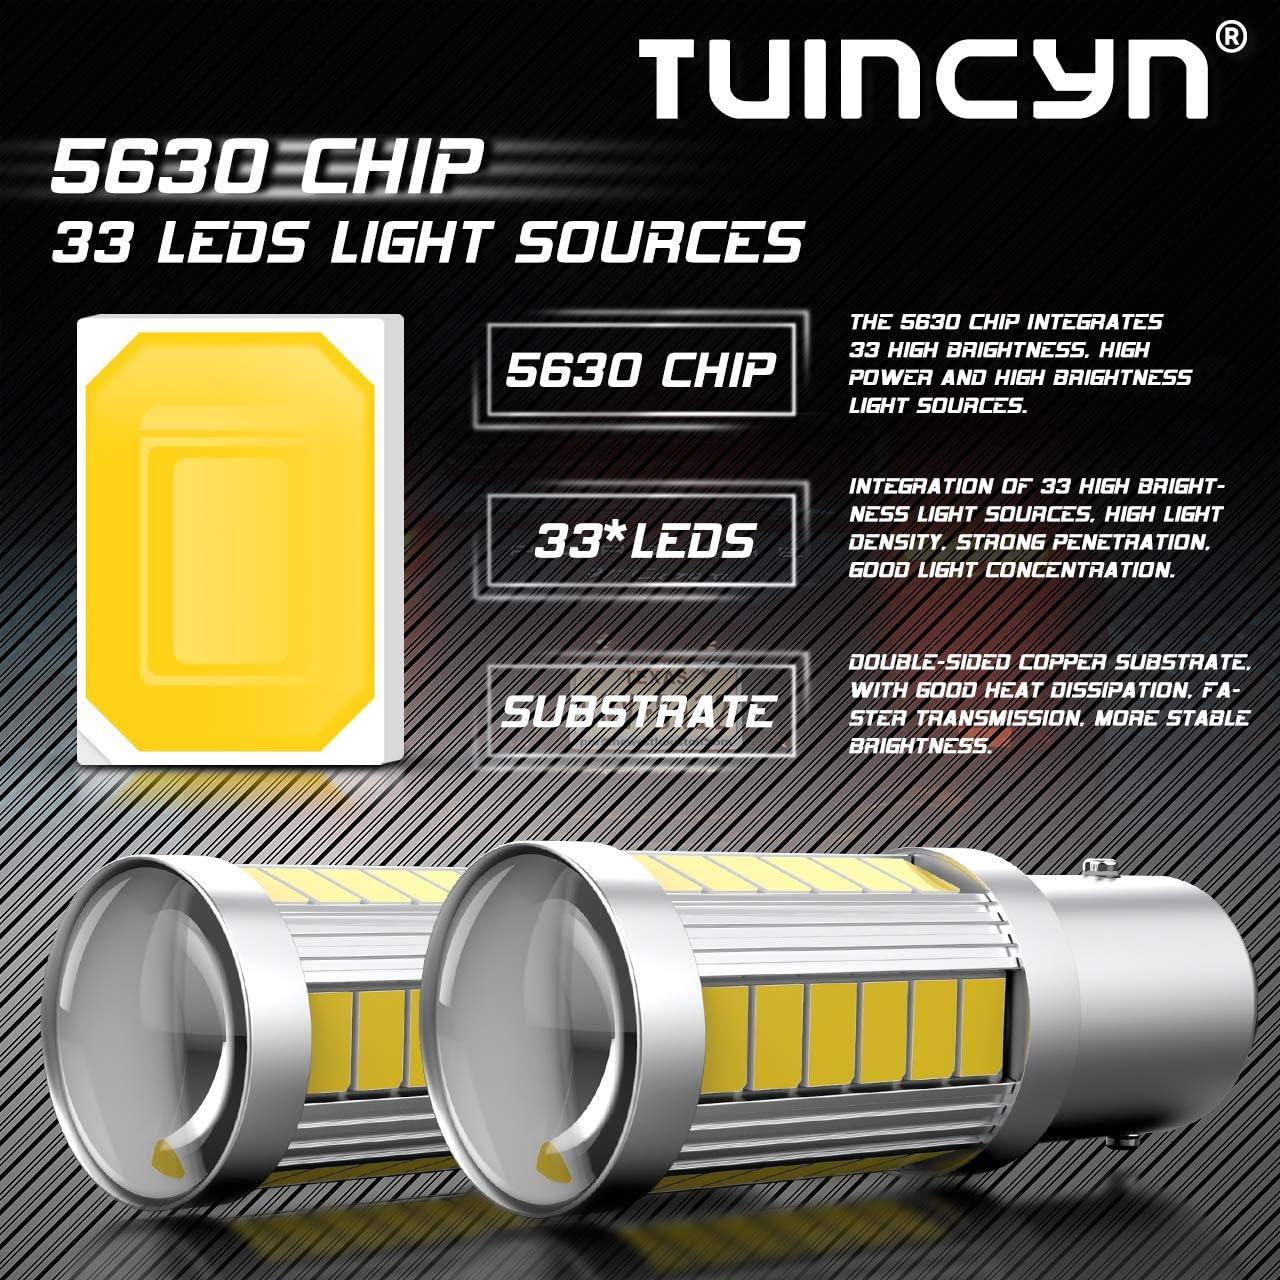 12 V CC 3,6 W 1016 confezione da 2 1034 900 lumen luminose luci per freno parcheggio bianca Lampadine LED BAY15D Tuincyn frecce 1157 di TUINCYN luce di stop 5630 33SMD